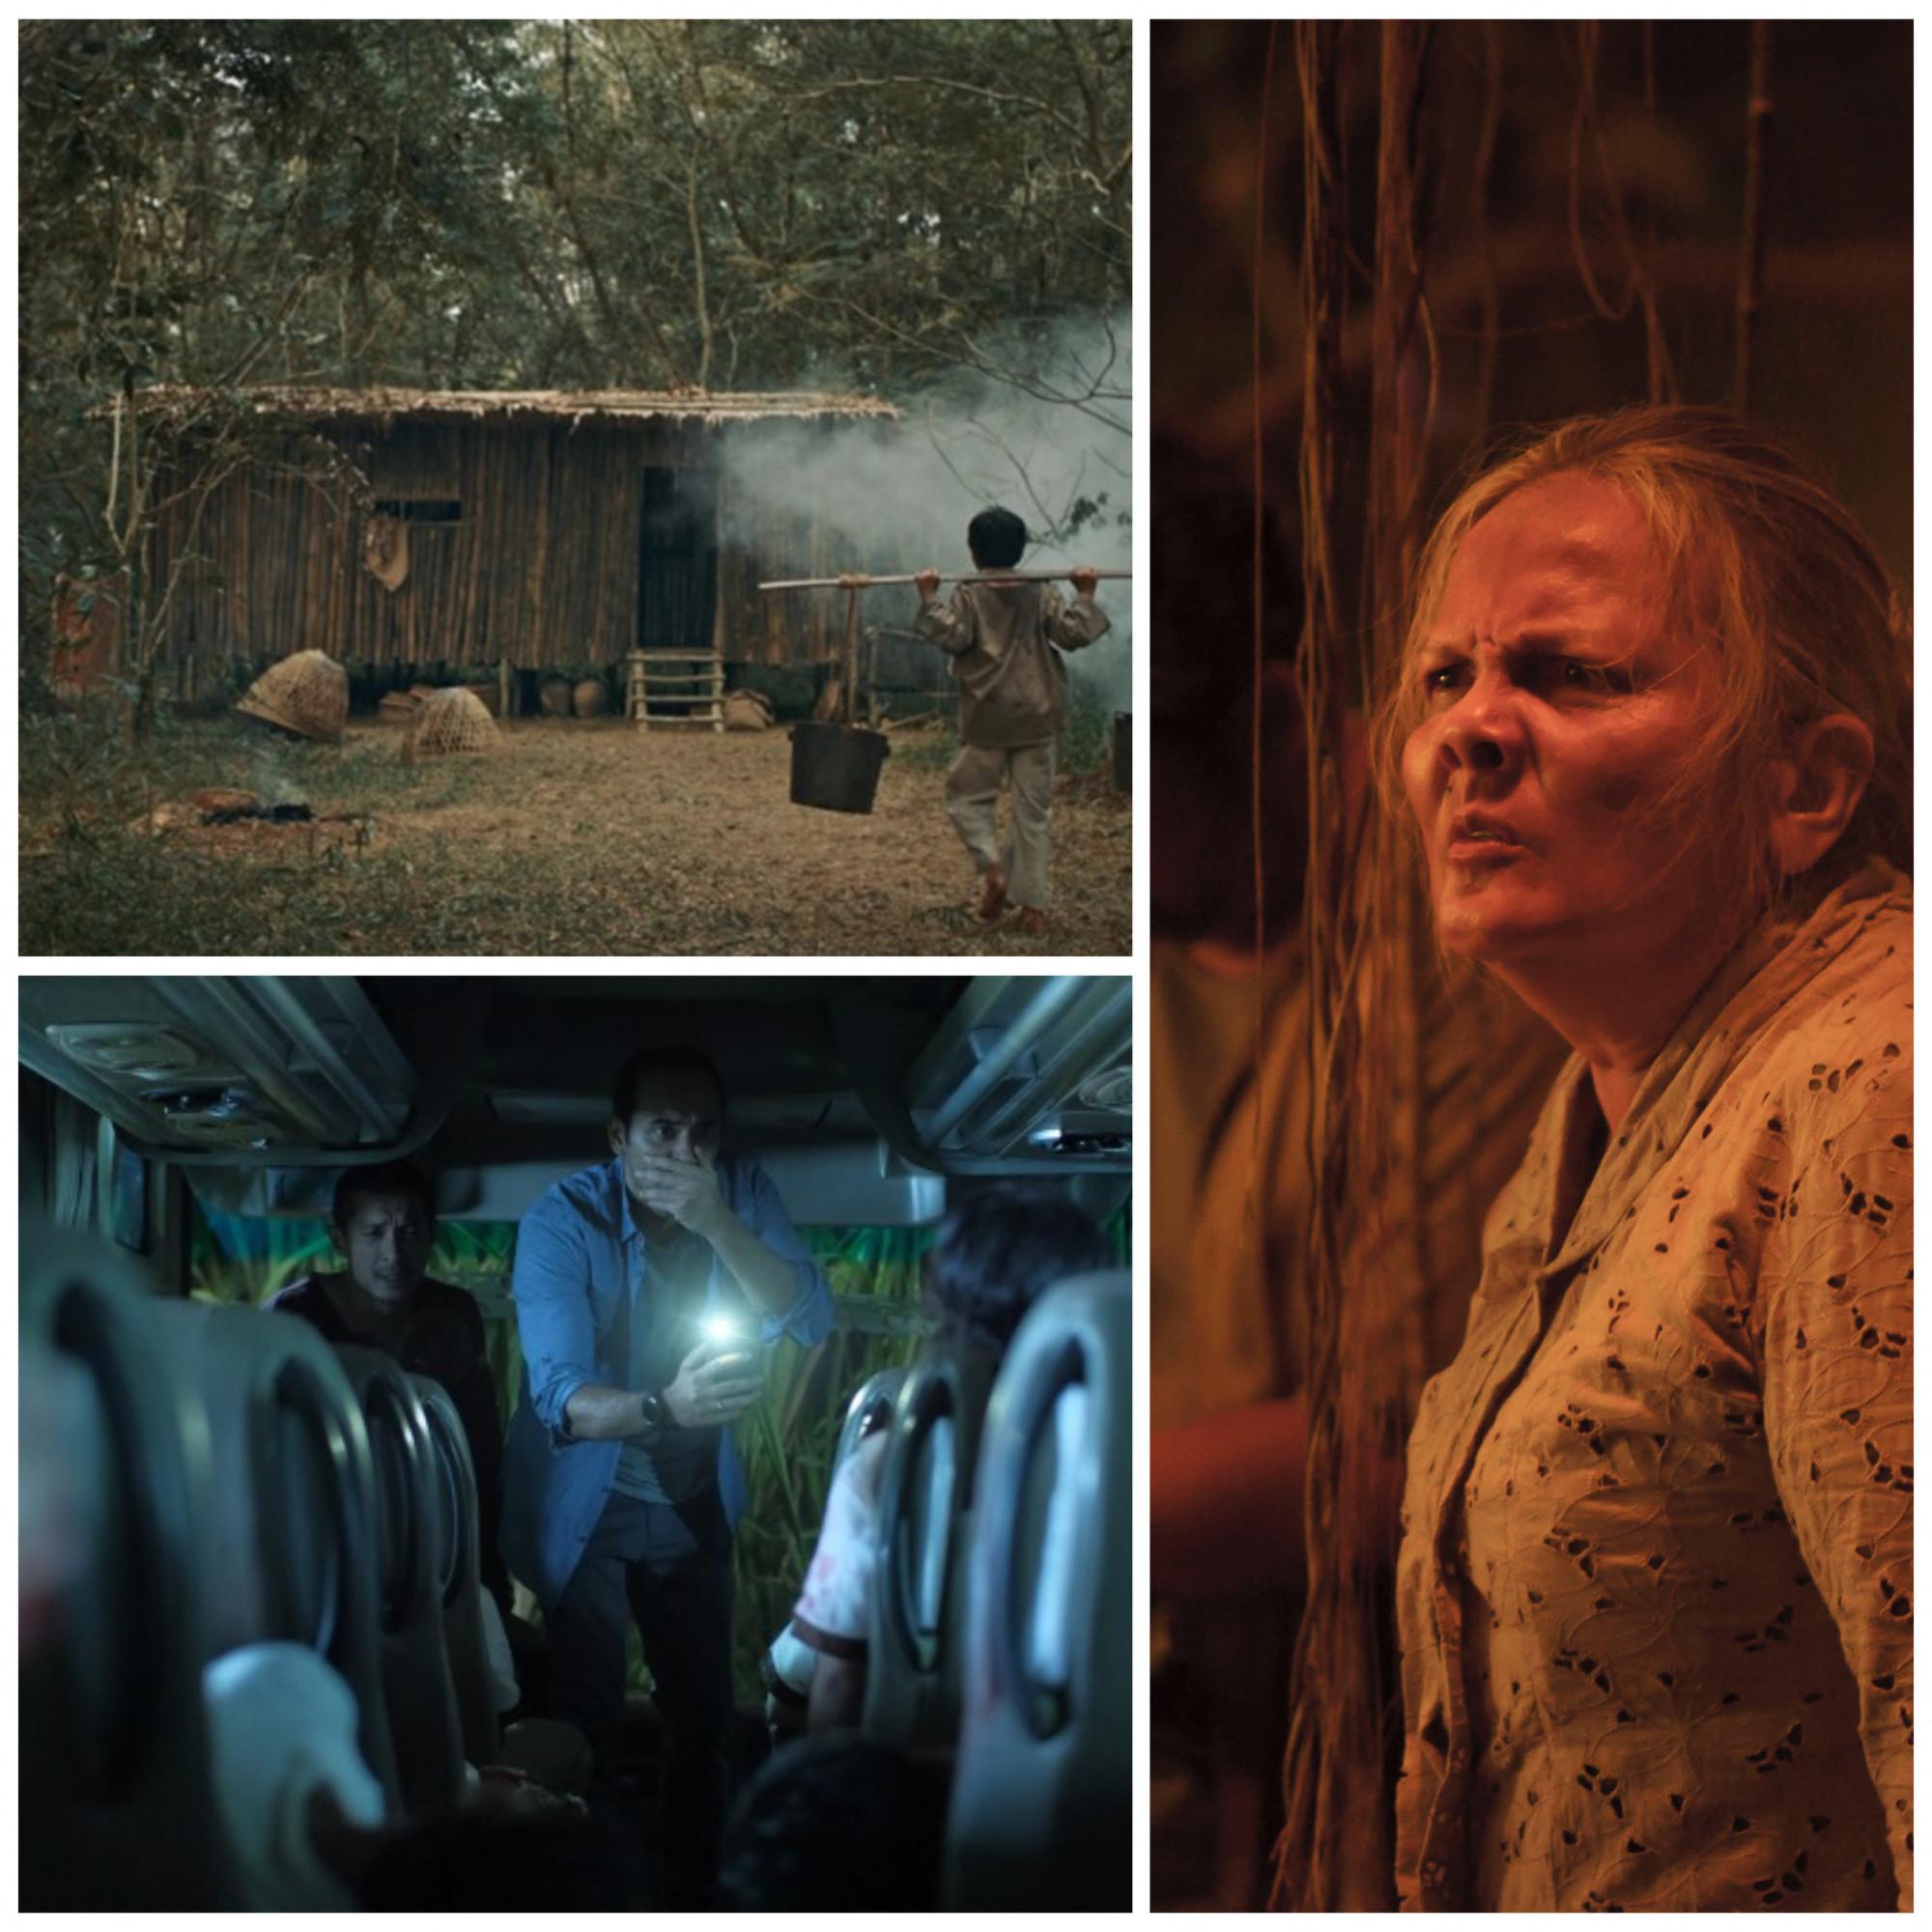 những bộ phim kinh dị Đông nam Á lấy cảm hứng từ dân gian thổi làn gió mới vào dòng phim kinh dị